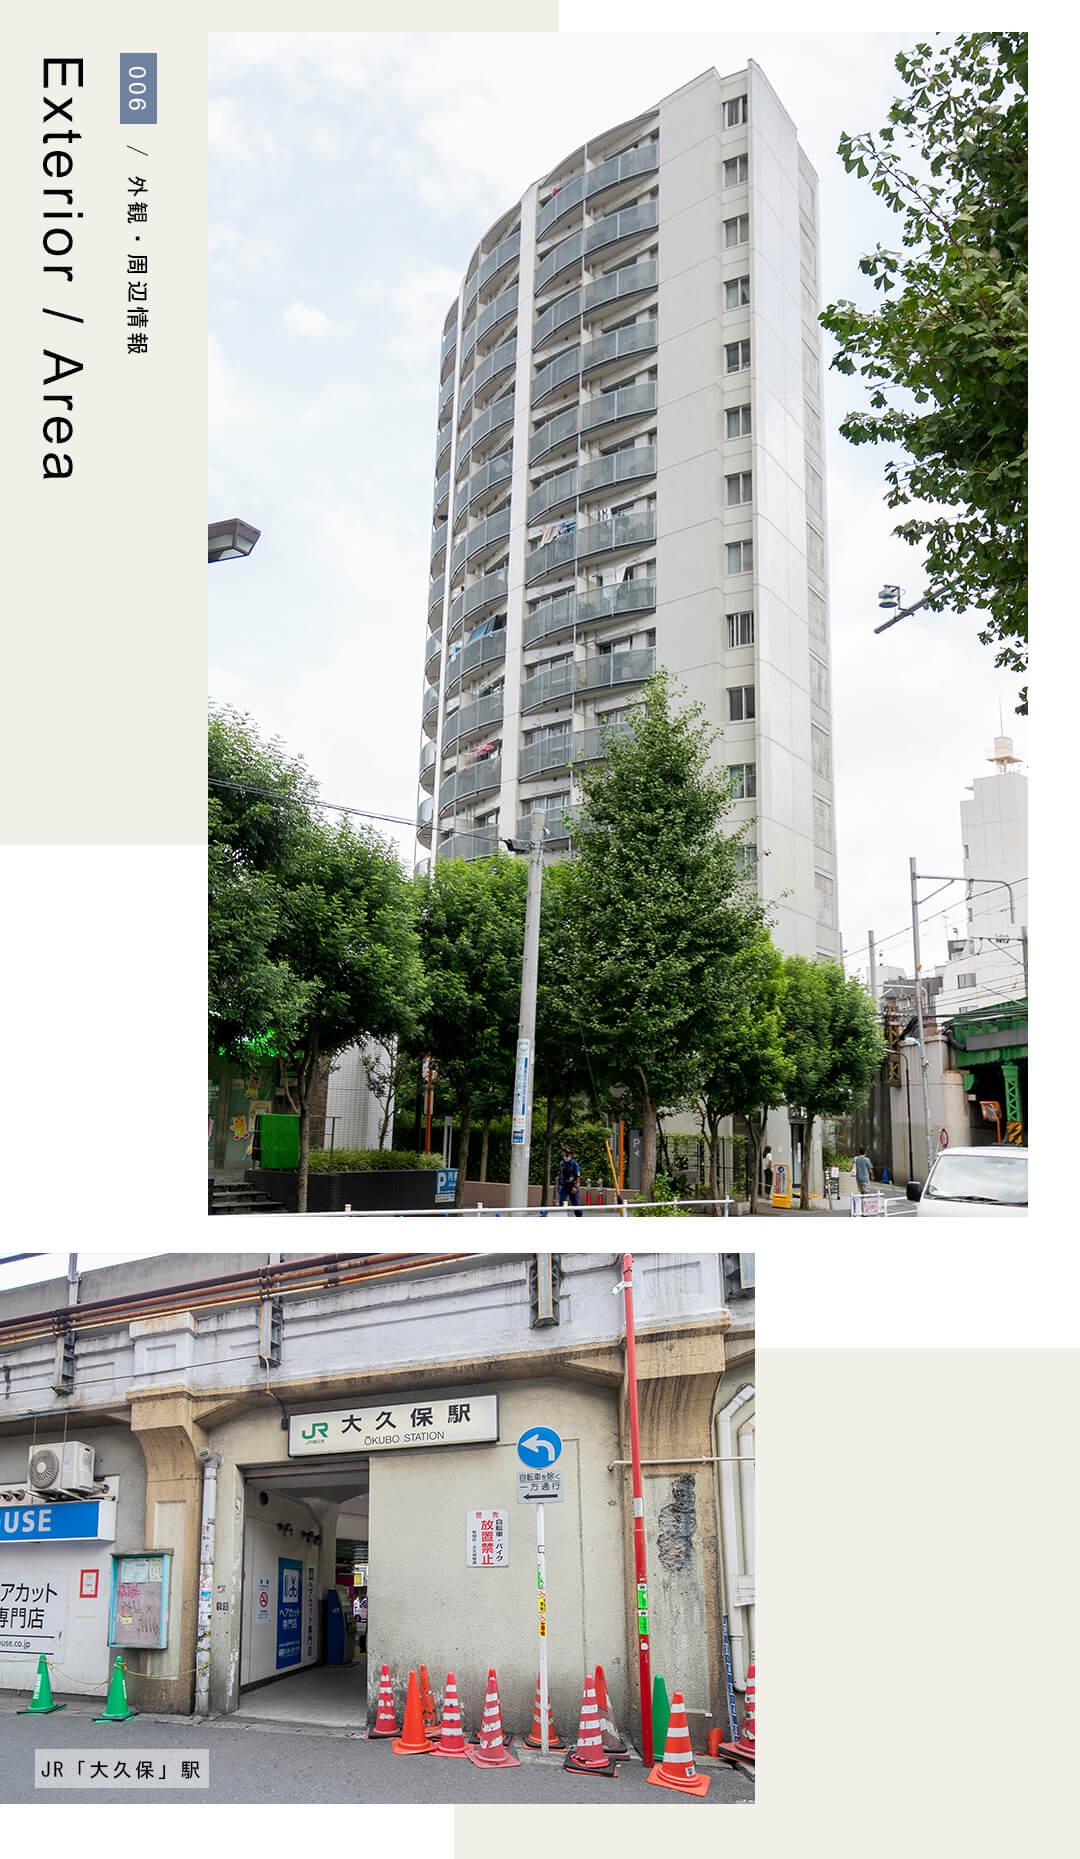 シャンボール北新宿の外観と周辺情報